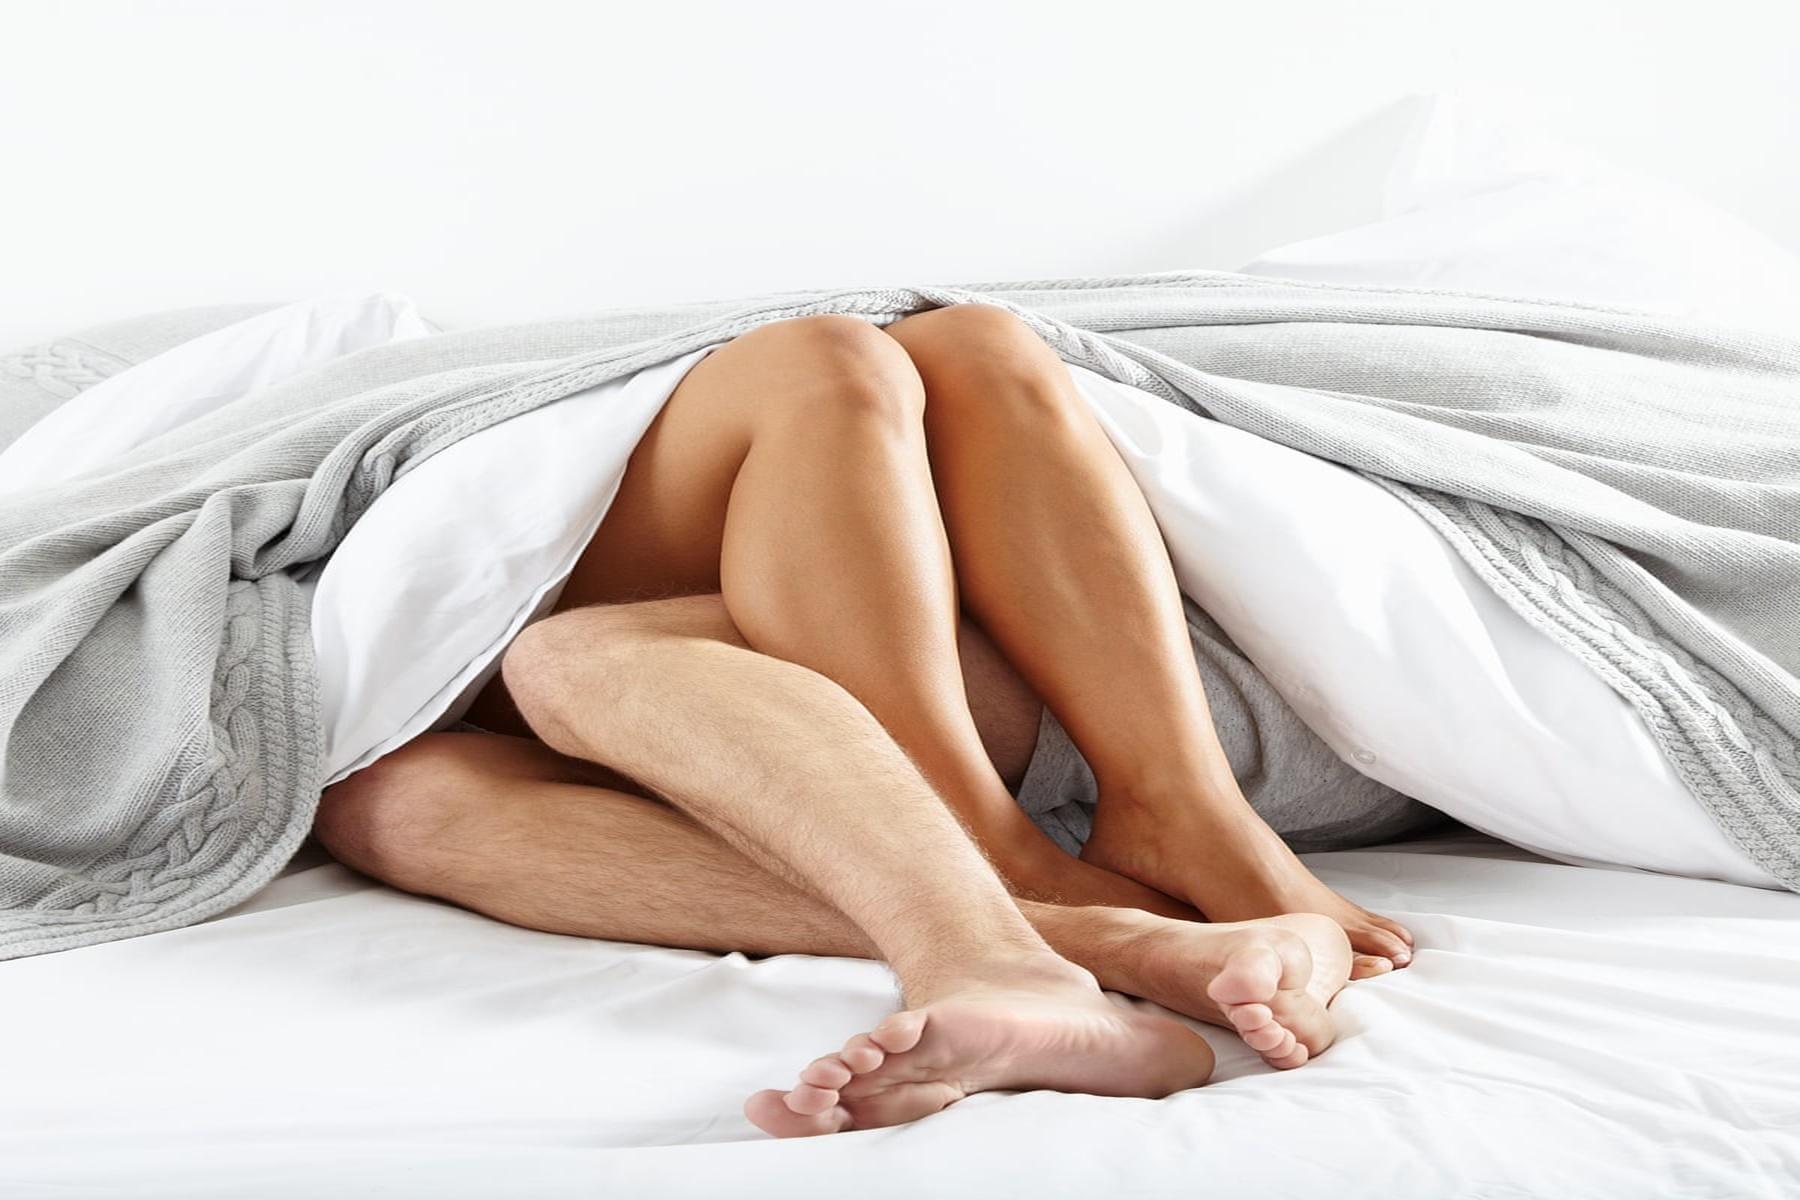 Σεξουαλική ζωή : Κάντε από κοινού τις δουλειές του σπιτιού και απογειώστε την